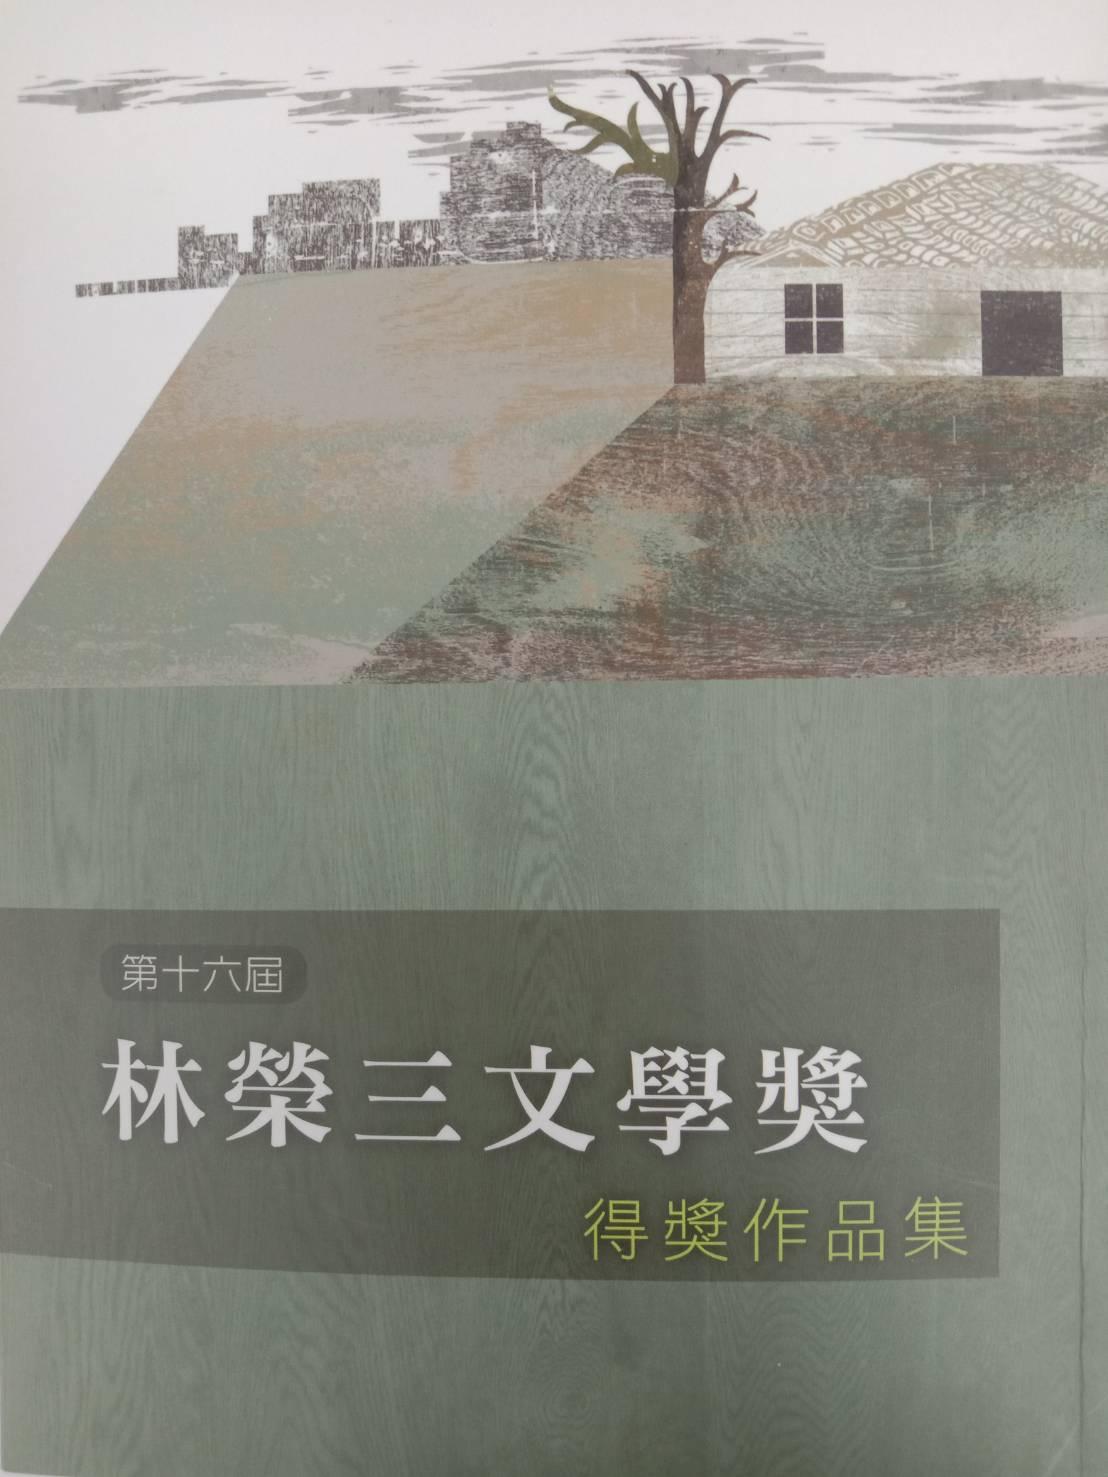 林榮三文學獎得獎作品集. 第十六屆